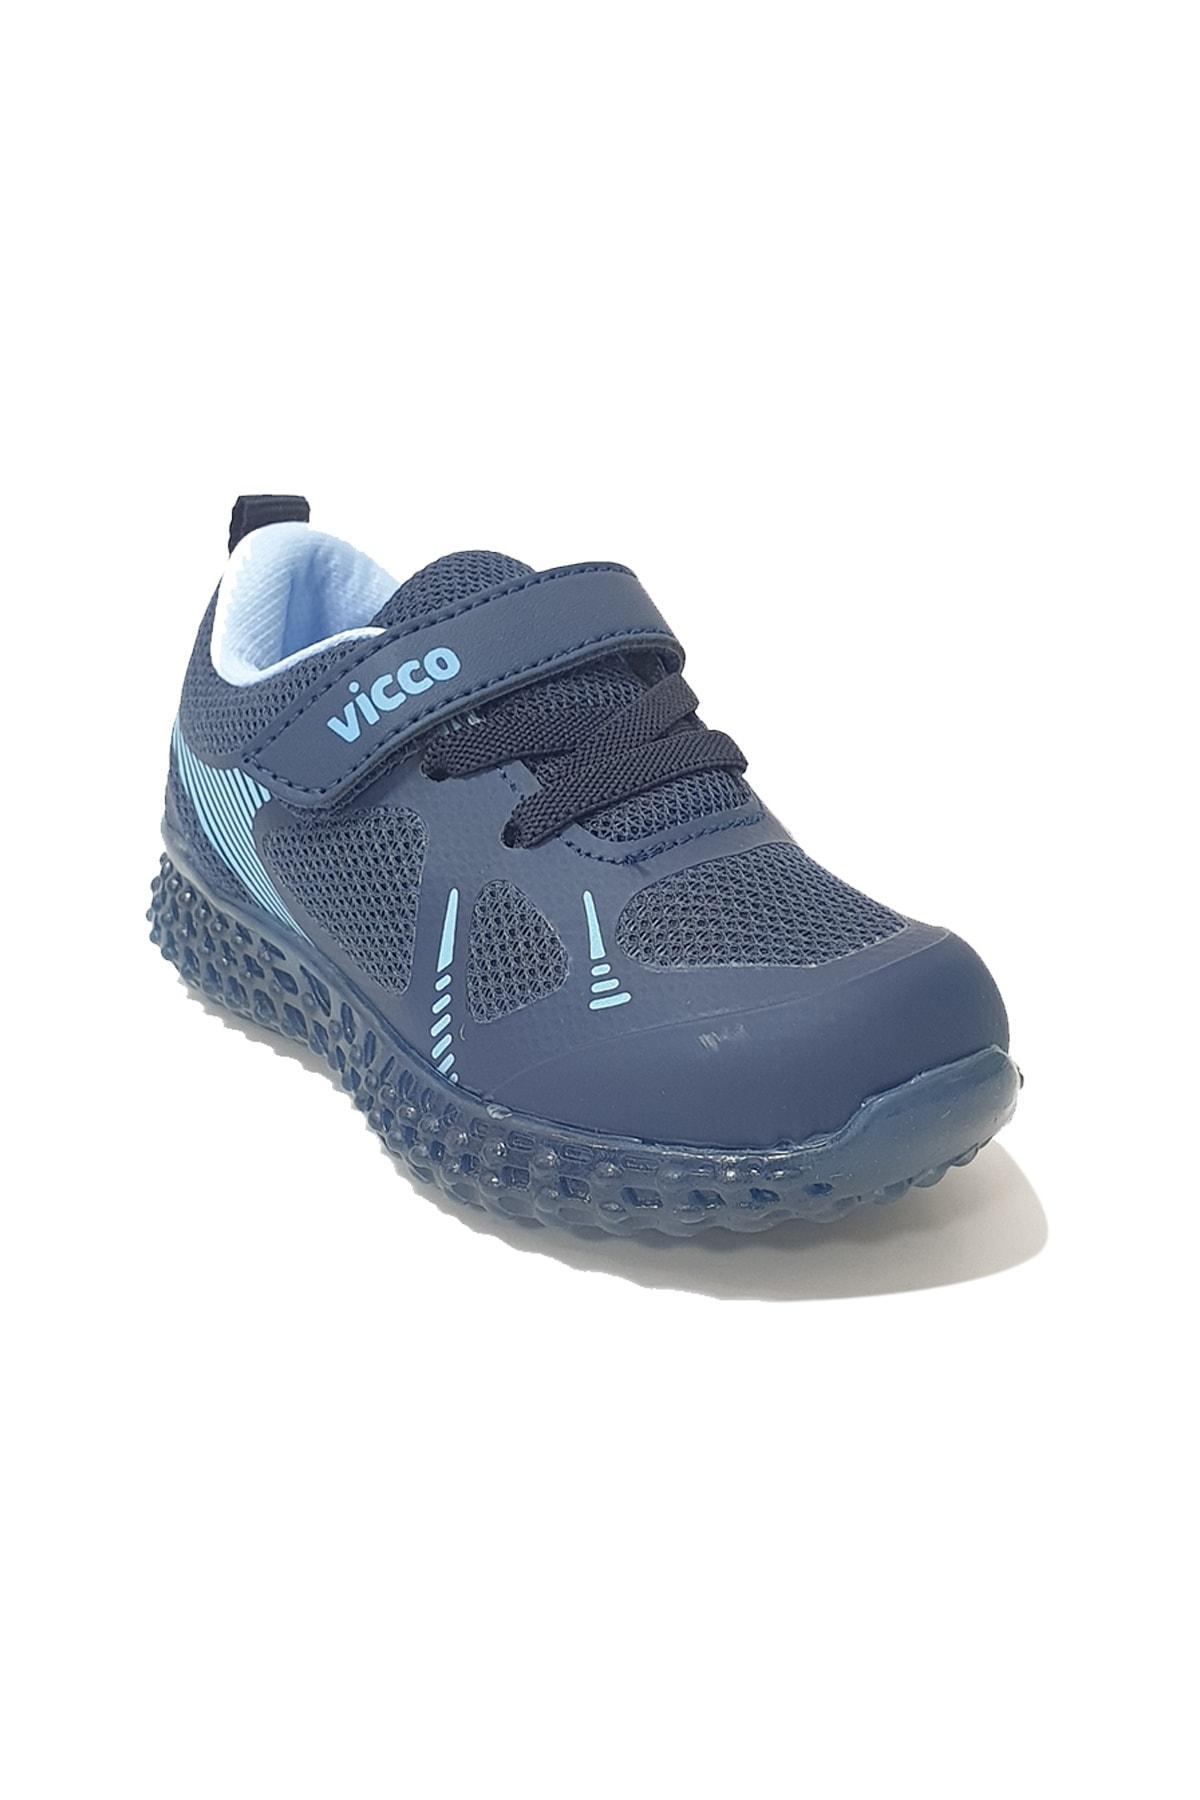 İLHAN PAŞAOĞLU Erkek Çocuk Lacivert Işıklı Spor Ayakkabı 2